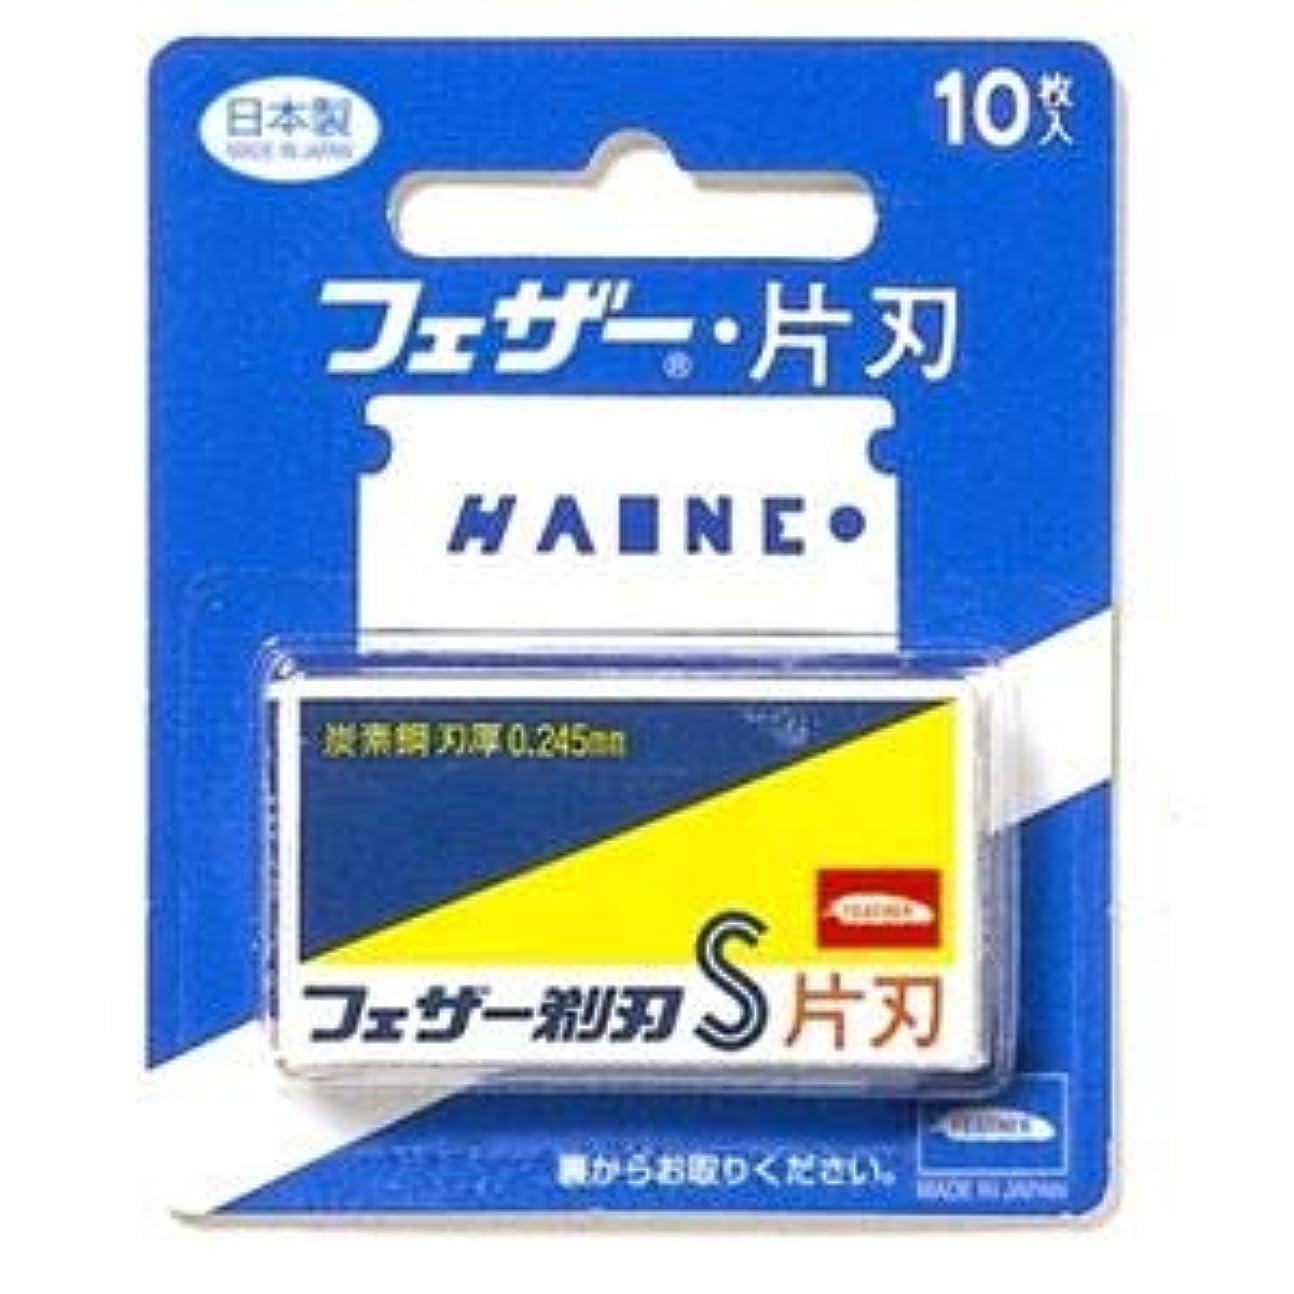 項目弱めるライオン(まとめ)フェザー安全剃刃 青函片刃 10枚入 【×12点セット】